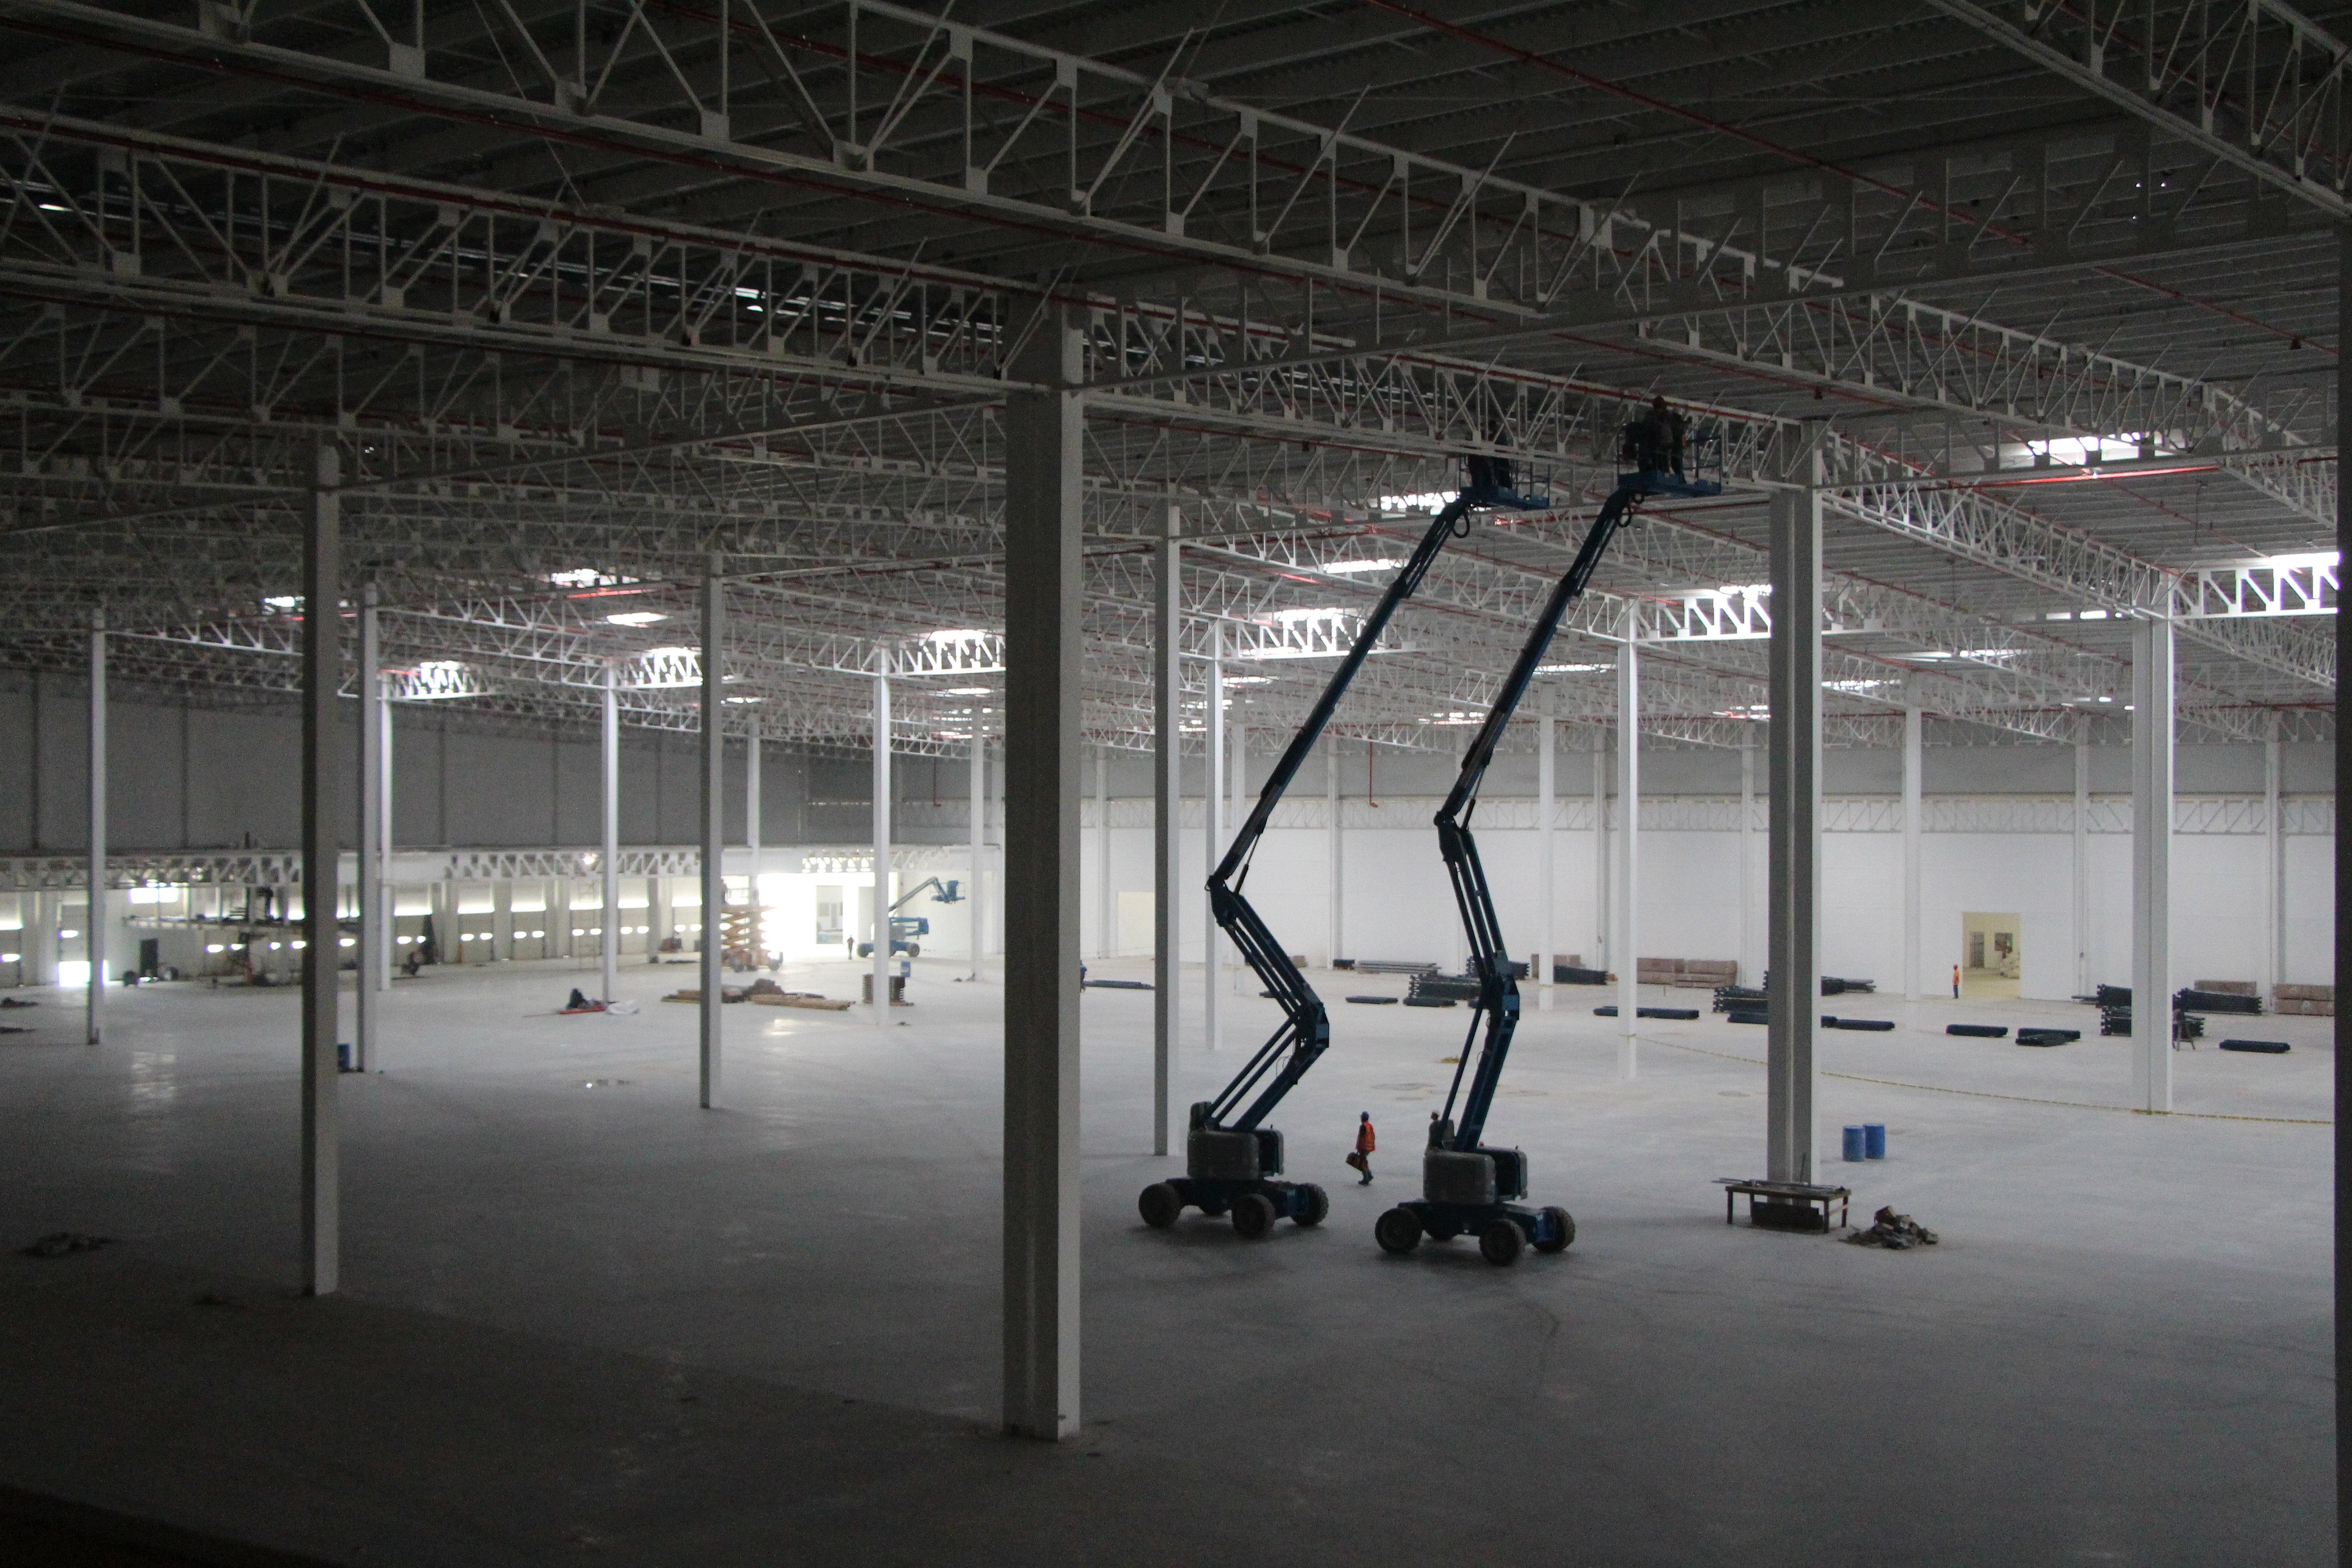 Altos ingenier a el ctrica cedis farmacias guadalajara - Constructoras en guadalajara ...